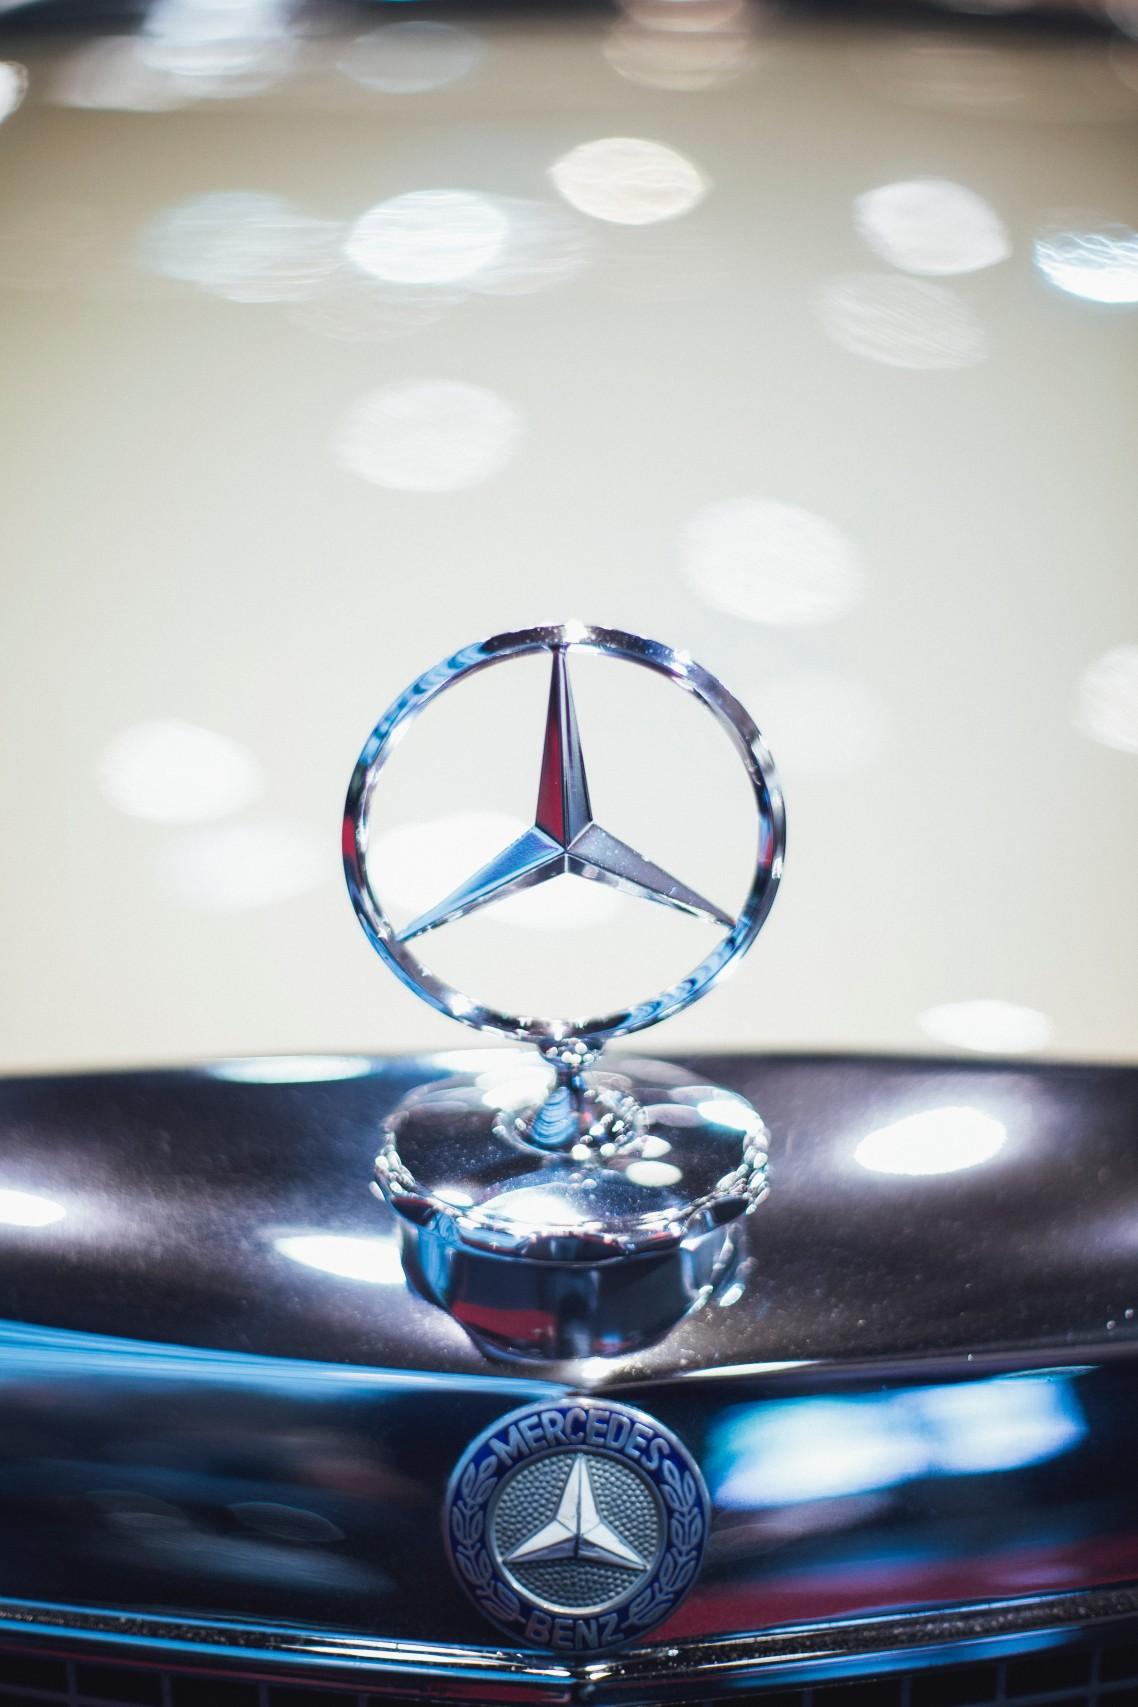 Proizvođač automobila Daimler završio prošlu godinu sa osetno manjom dobiti